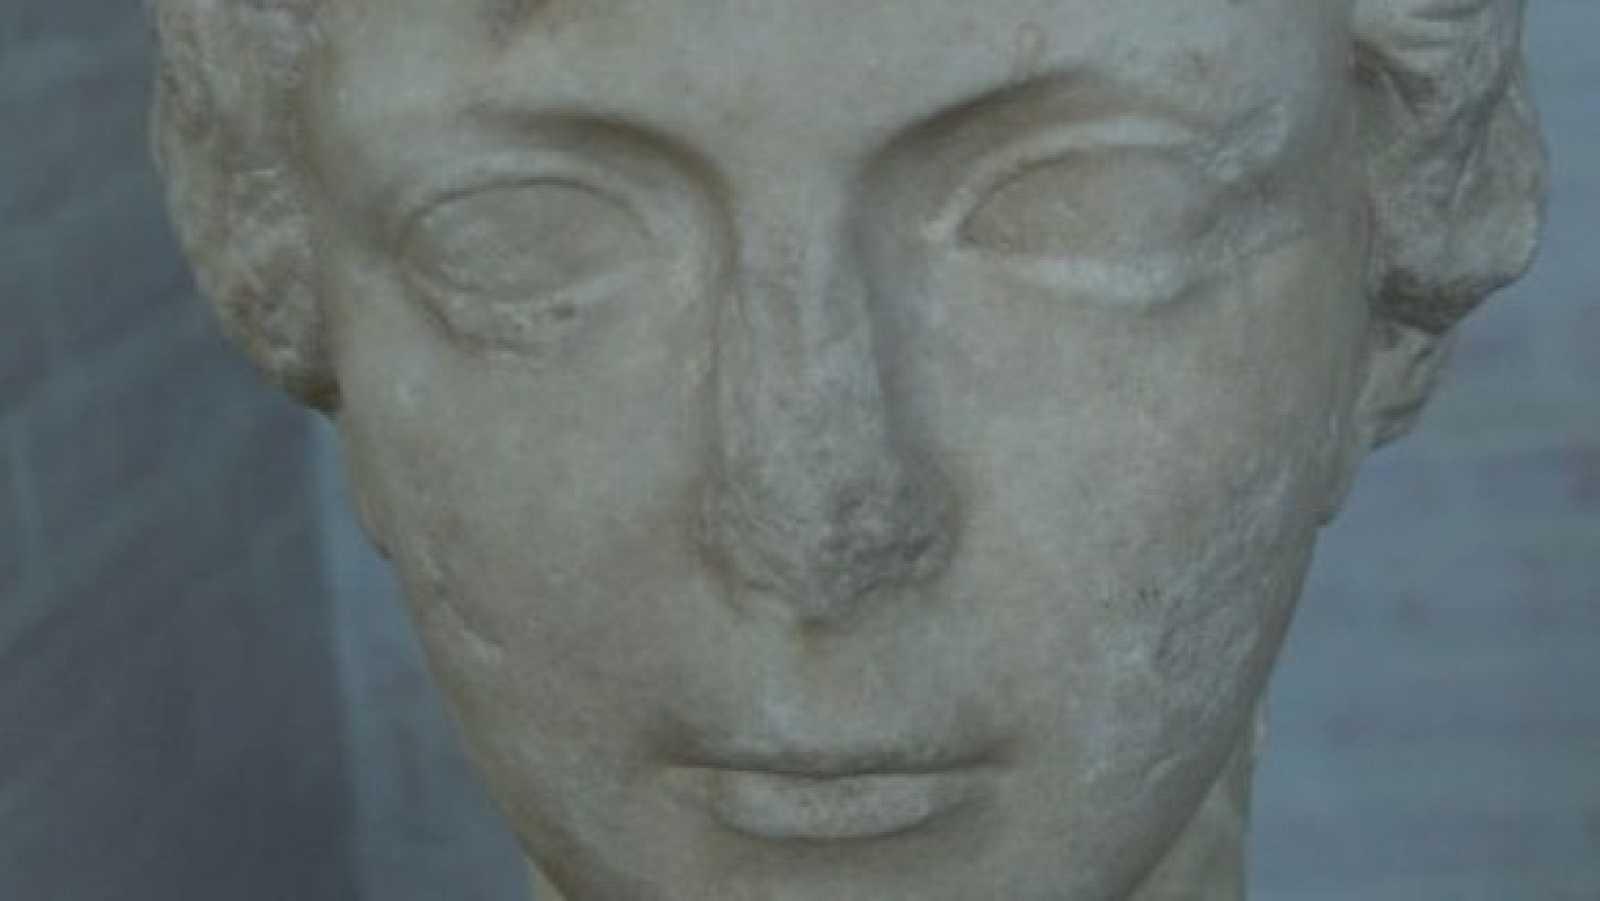 Detalle del busto romano de Antonia Minor recuperado en Múnich diez años después.